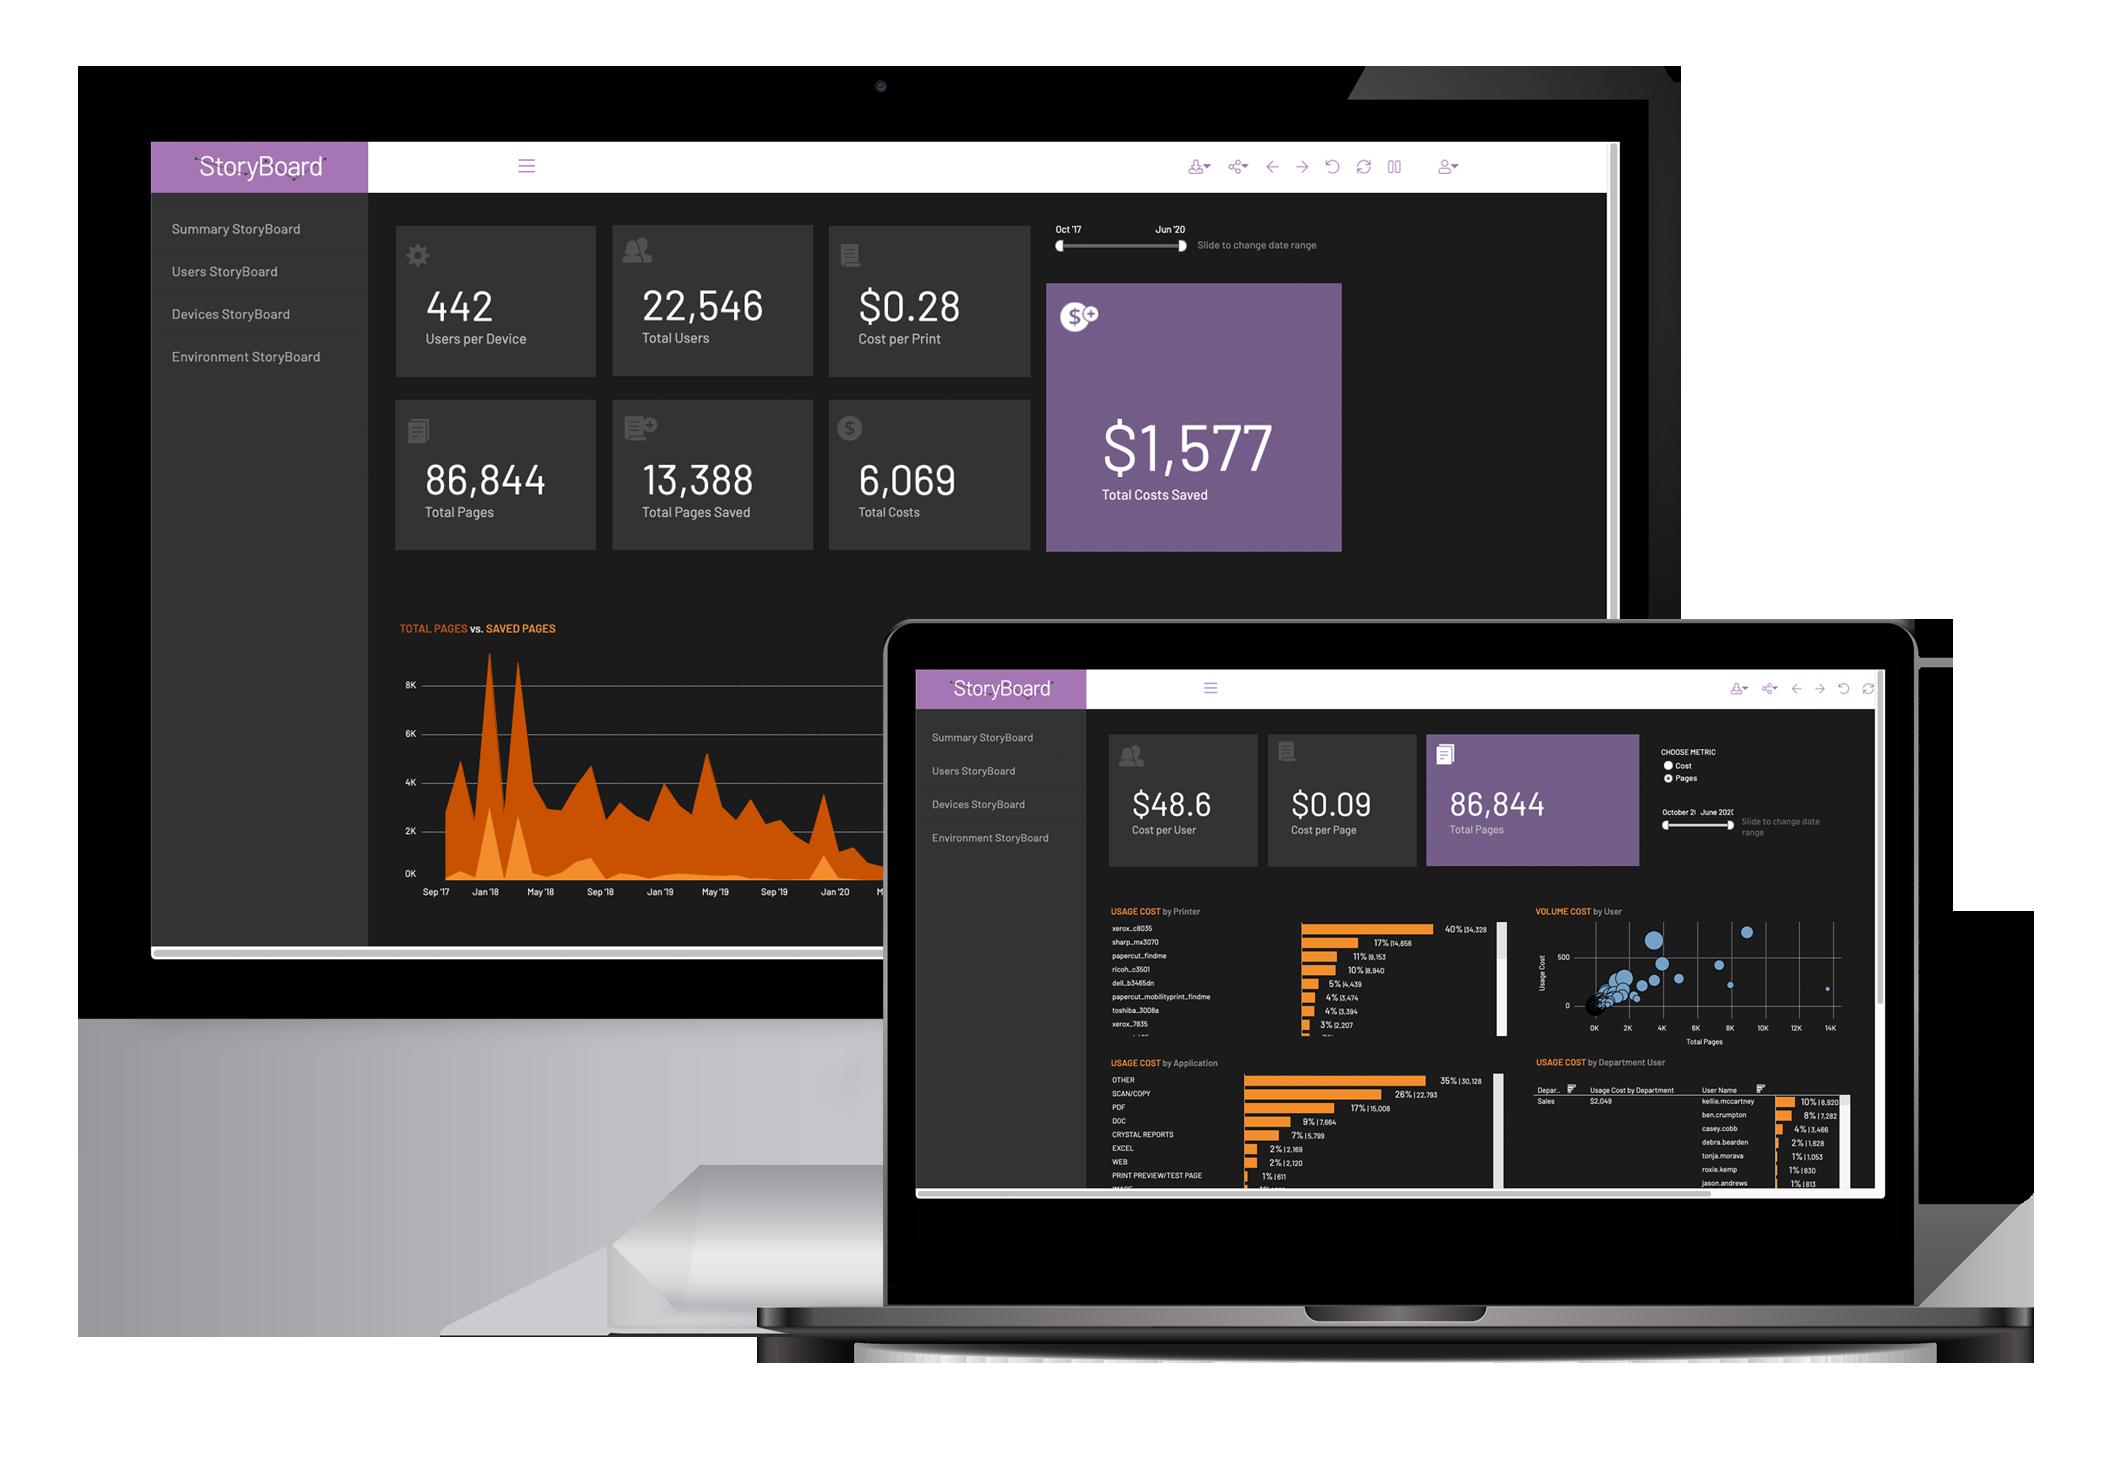 StoryBoard-Monitors